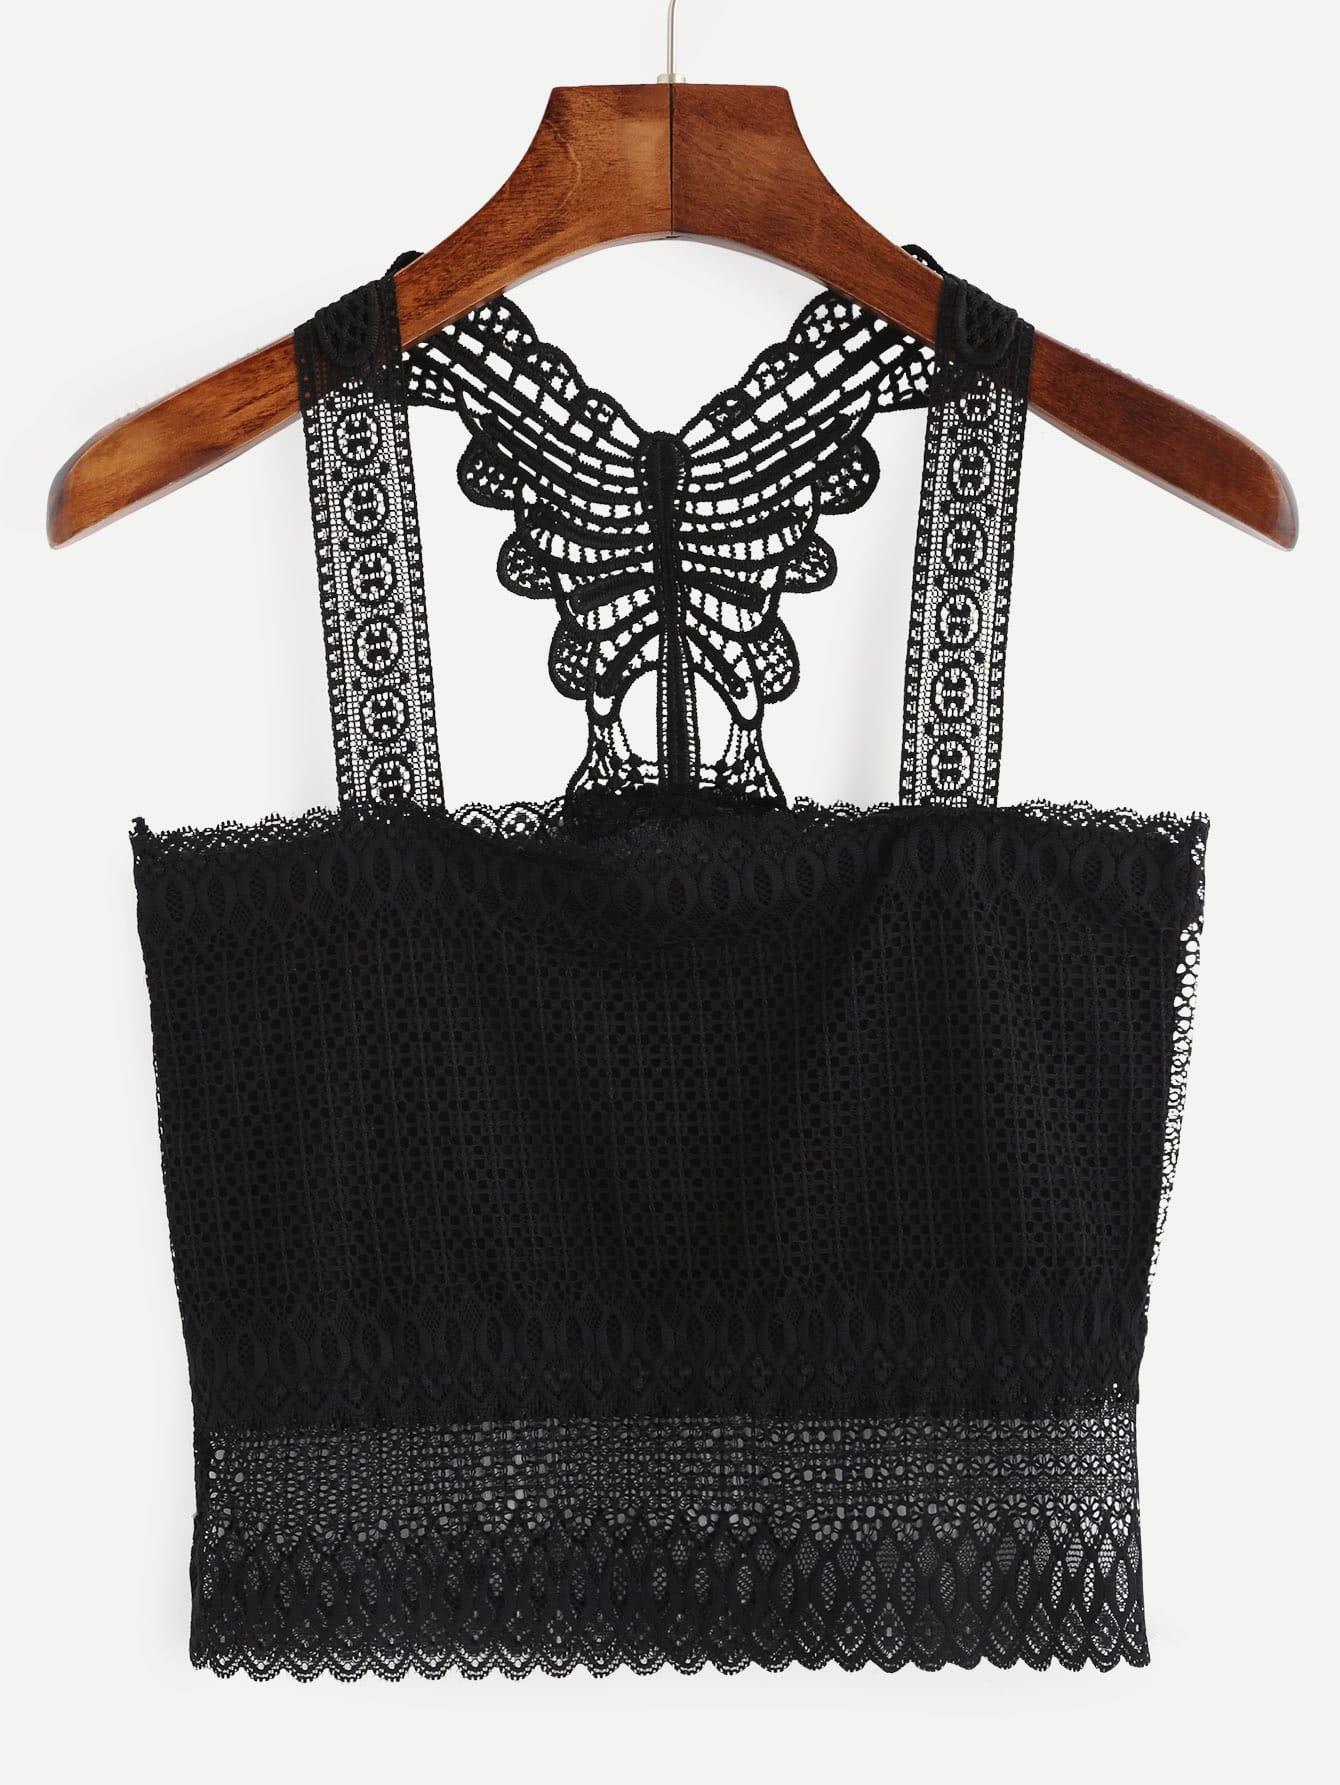 Black Crochet Racerback Crop Top vest160720101